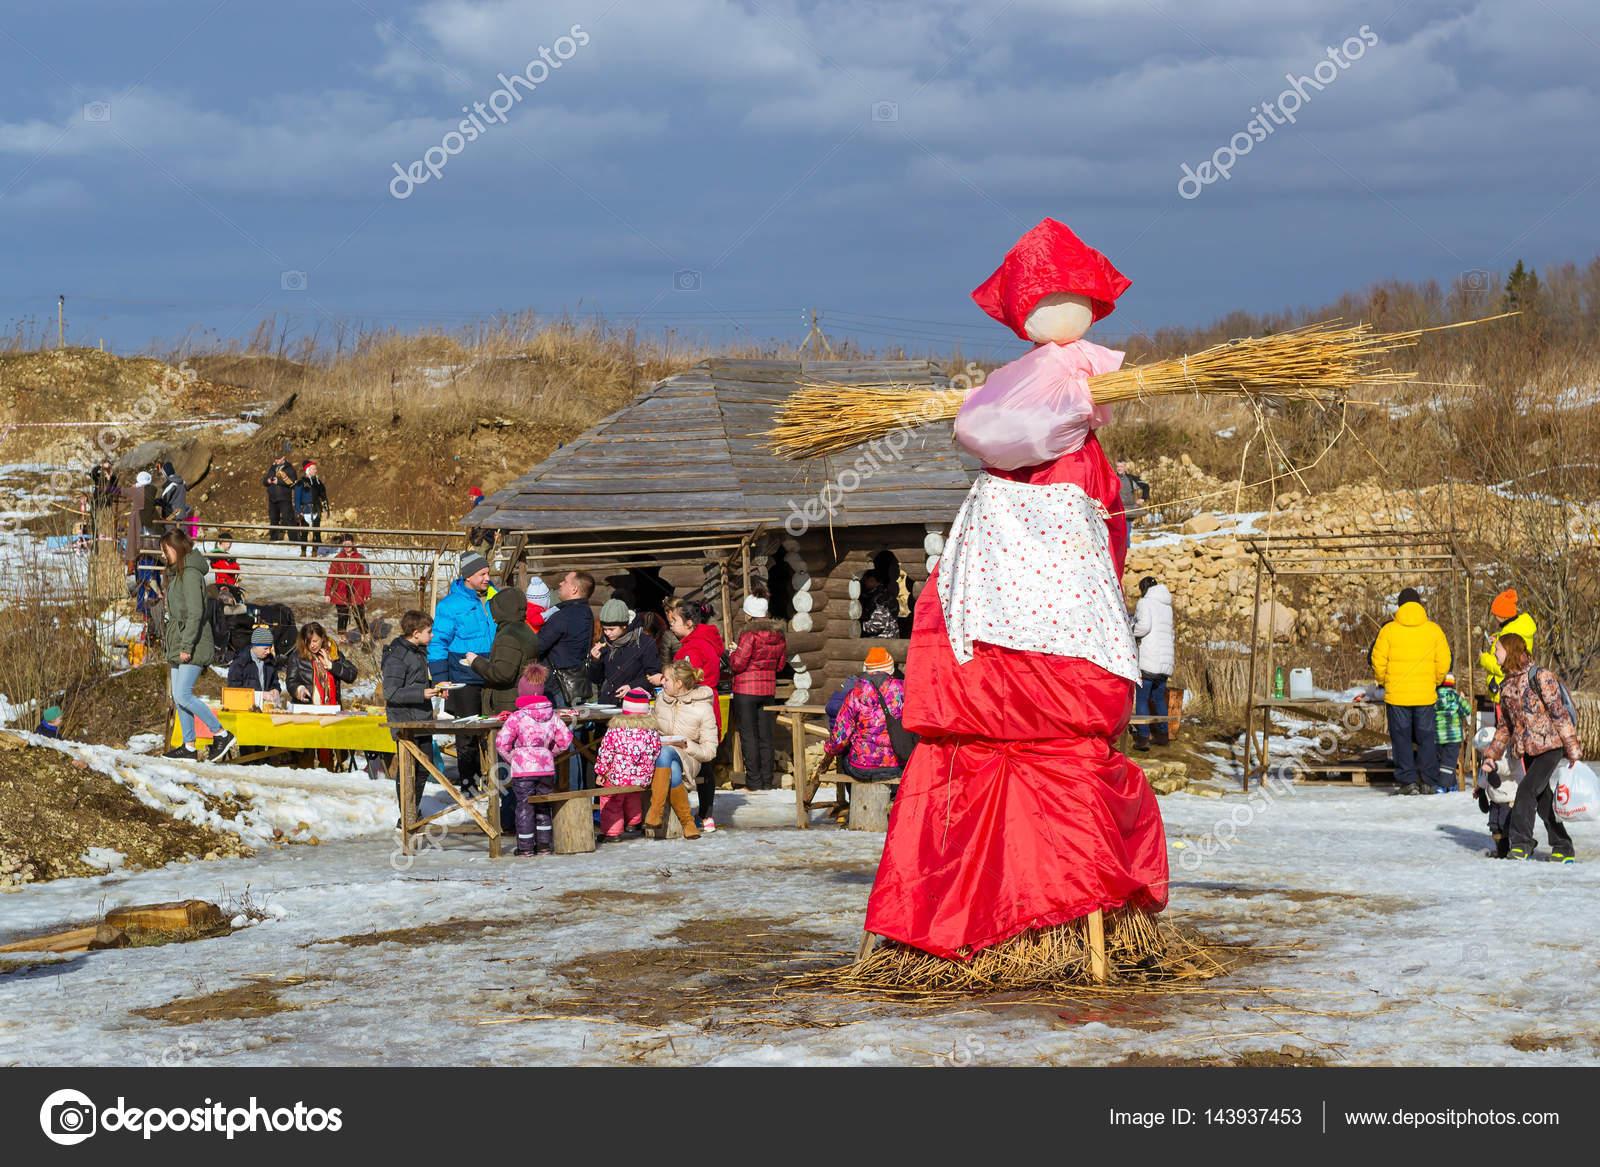 Legrační ruské seznamka fotografií